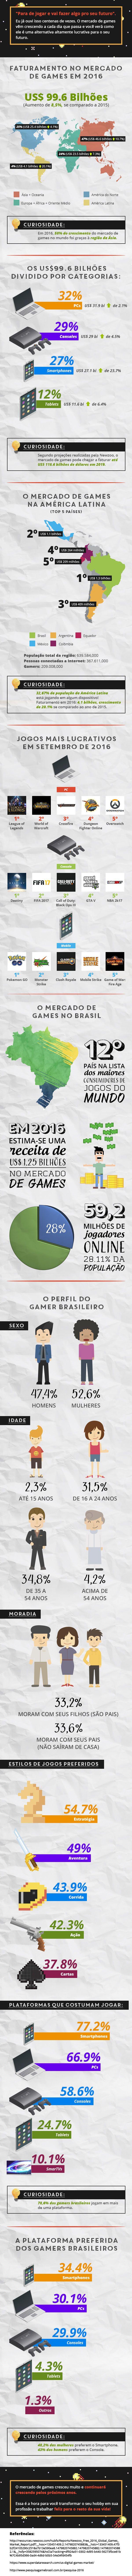 Infográfico: O Mercado de Jogos no Brasil - Crescimento fantástico em meio à crise